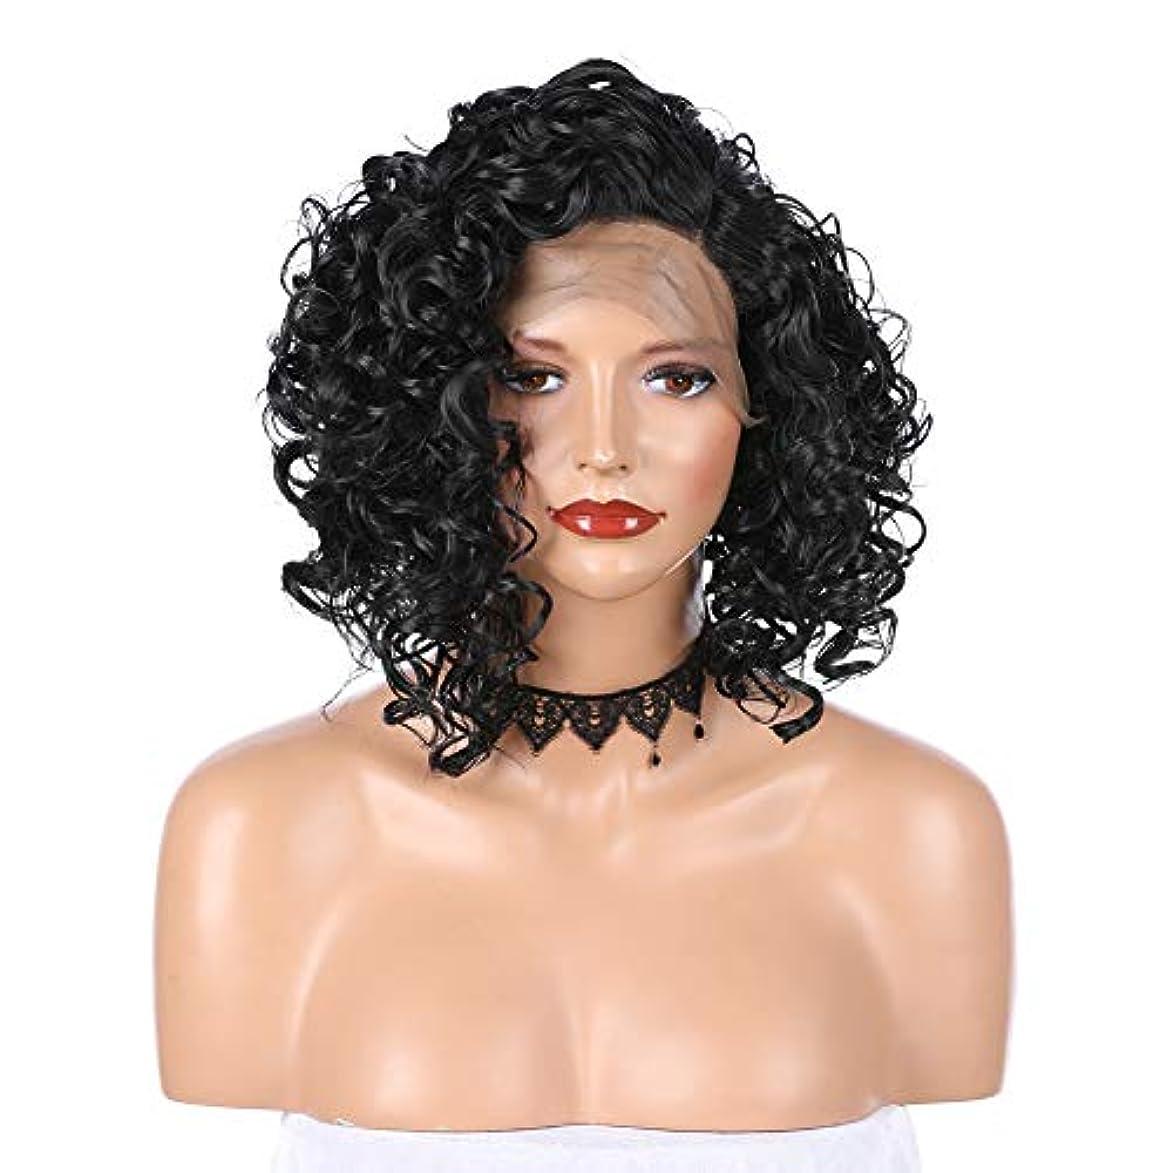 口頭印象派盗賊slQinjiansav女性ウィッグヘッドバンドフロントレースブラジルショートカーリーブラックウィッグ女性ナチュラルパーティー合成髪